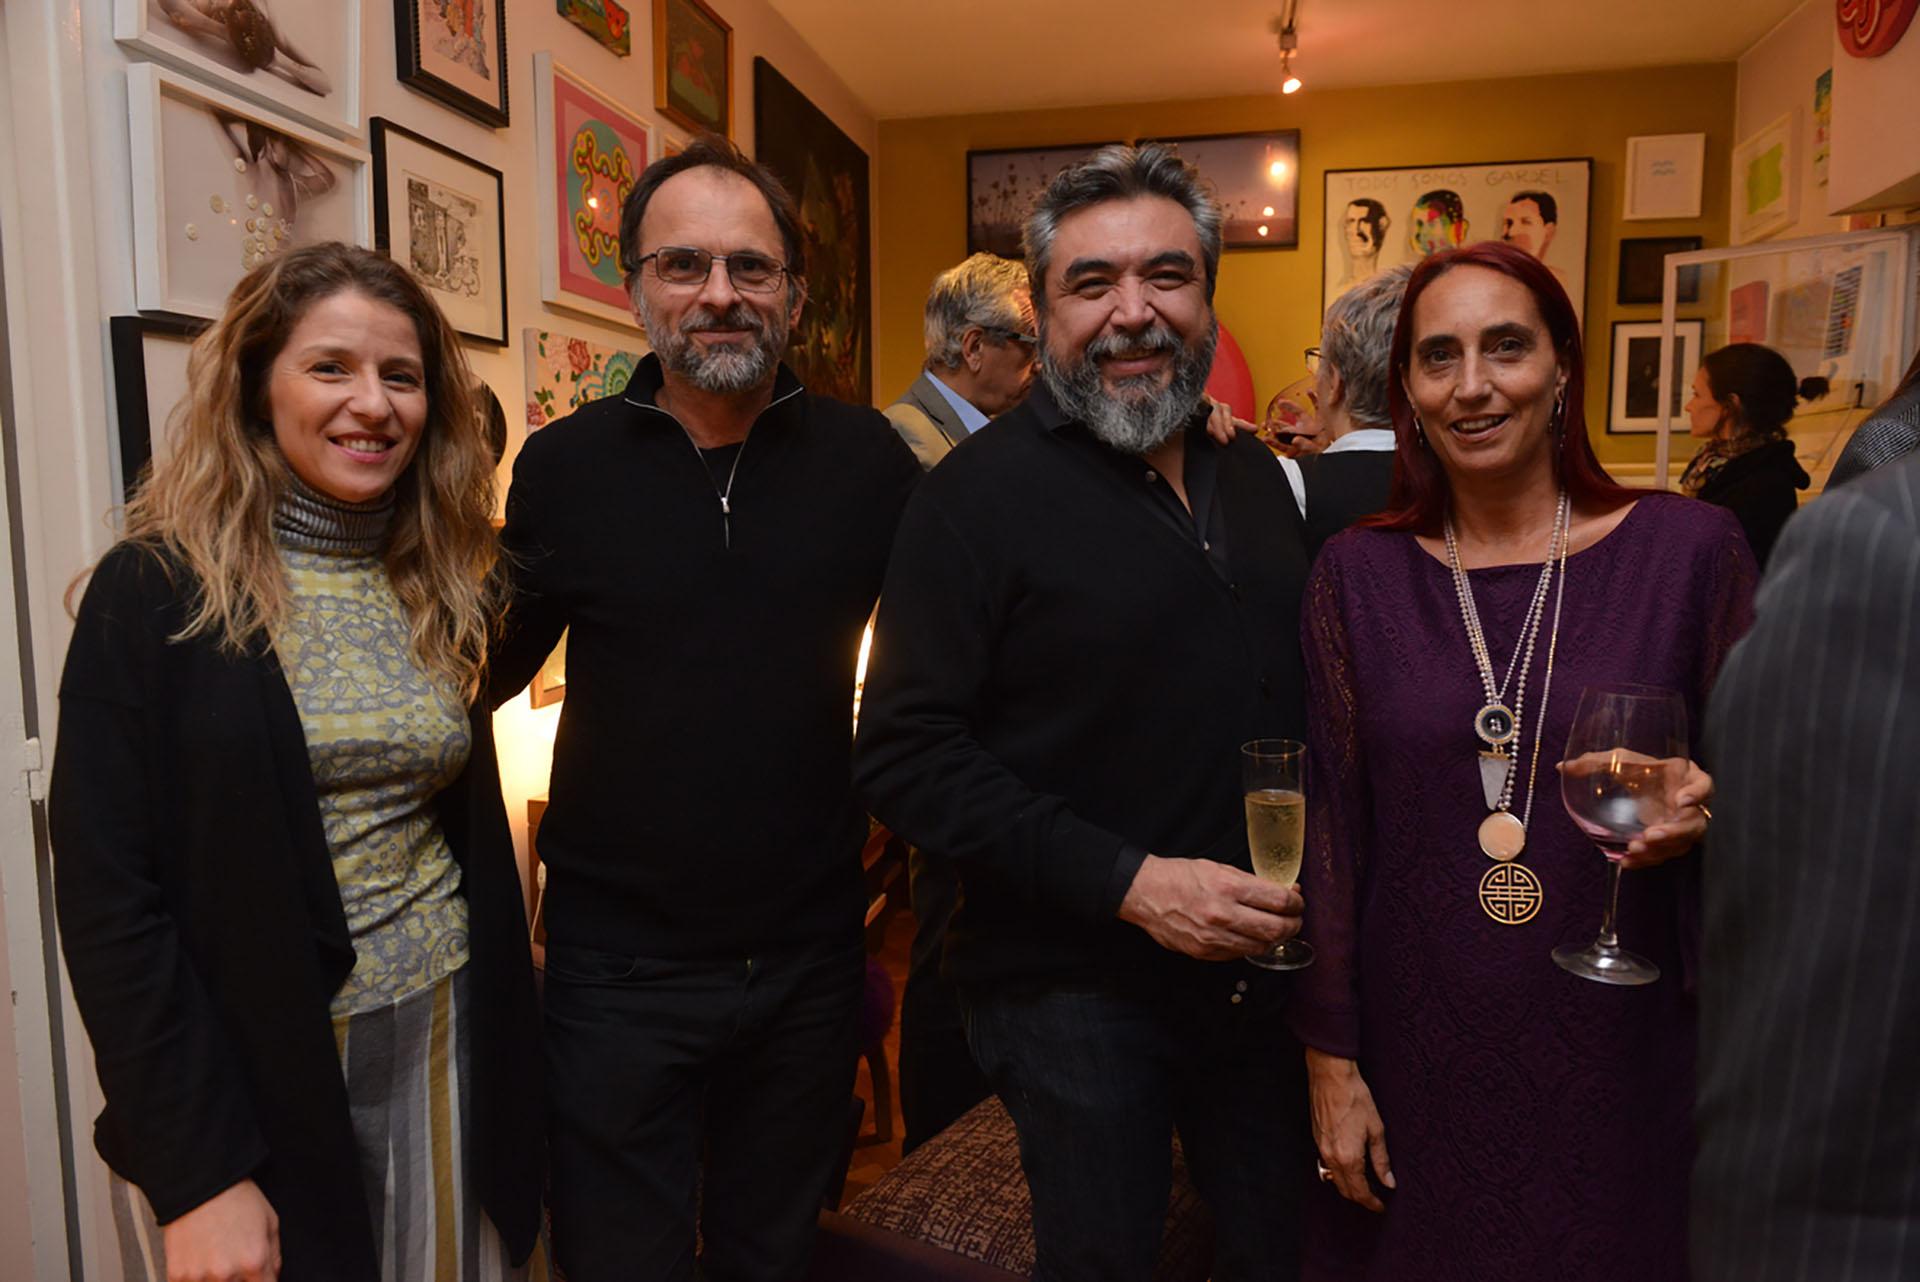 Luciana Mantero, Alejandro Guyot, Cristian Alarcón y Carolina Garzón